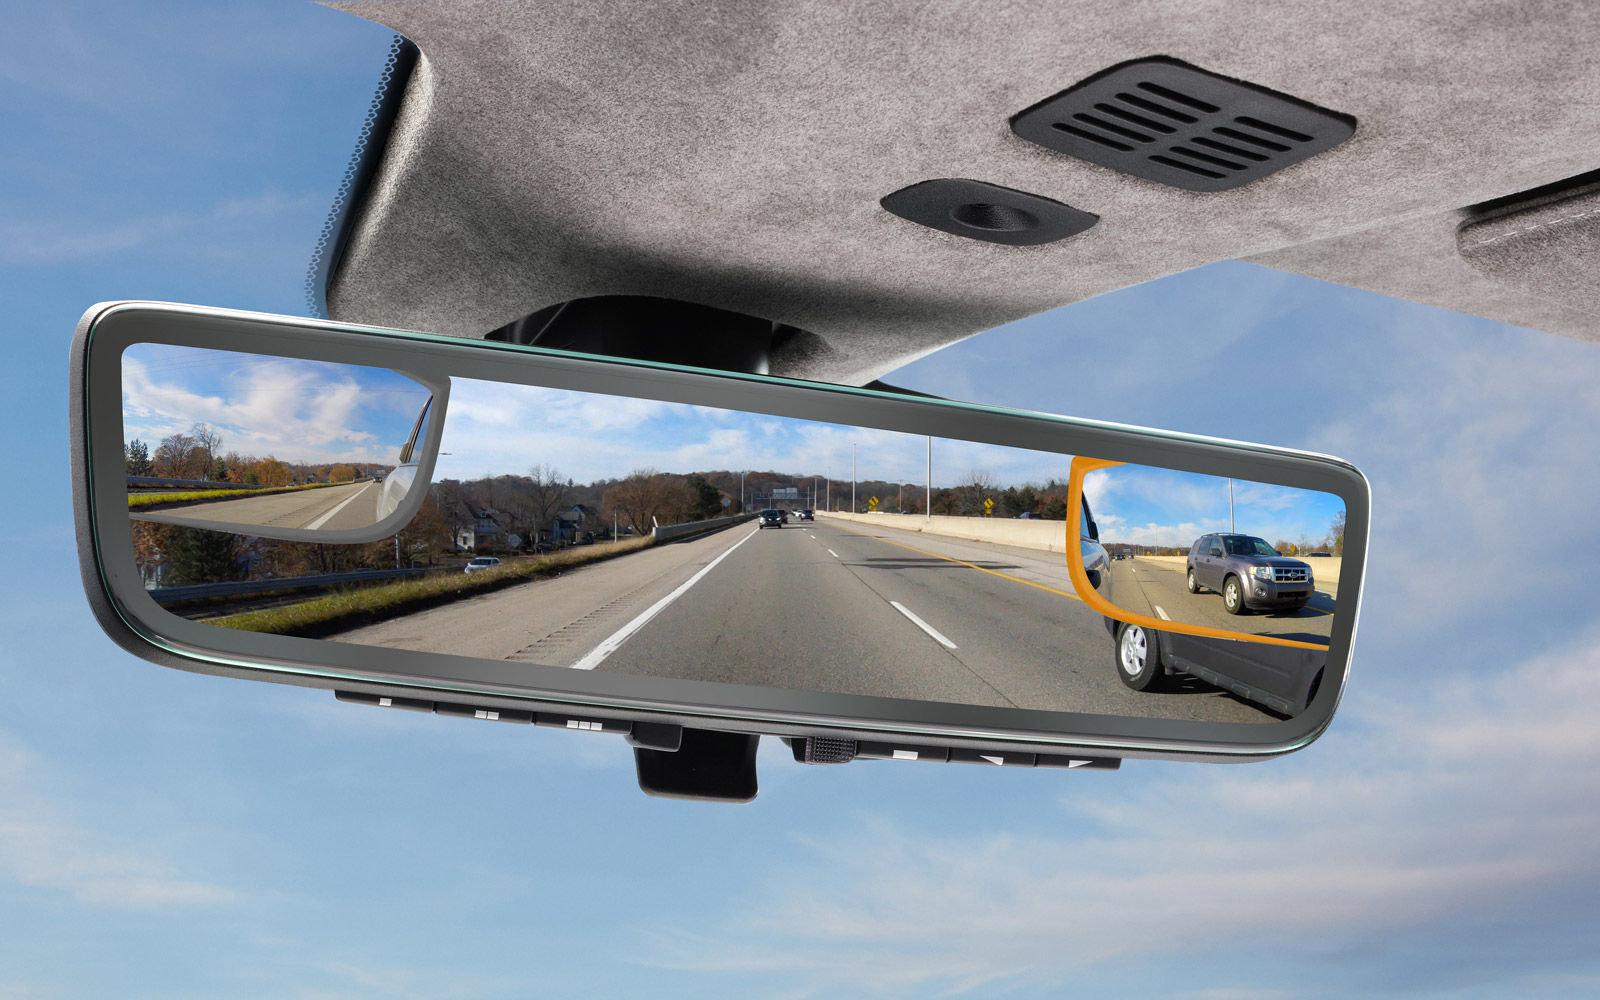 Aston Martin pokaże lusterko wsteczne integrujące obraz z trzech kamer 20